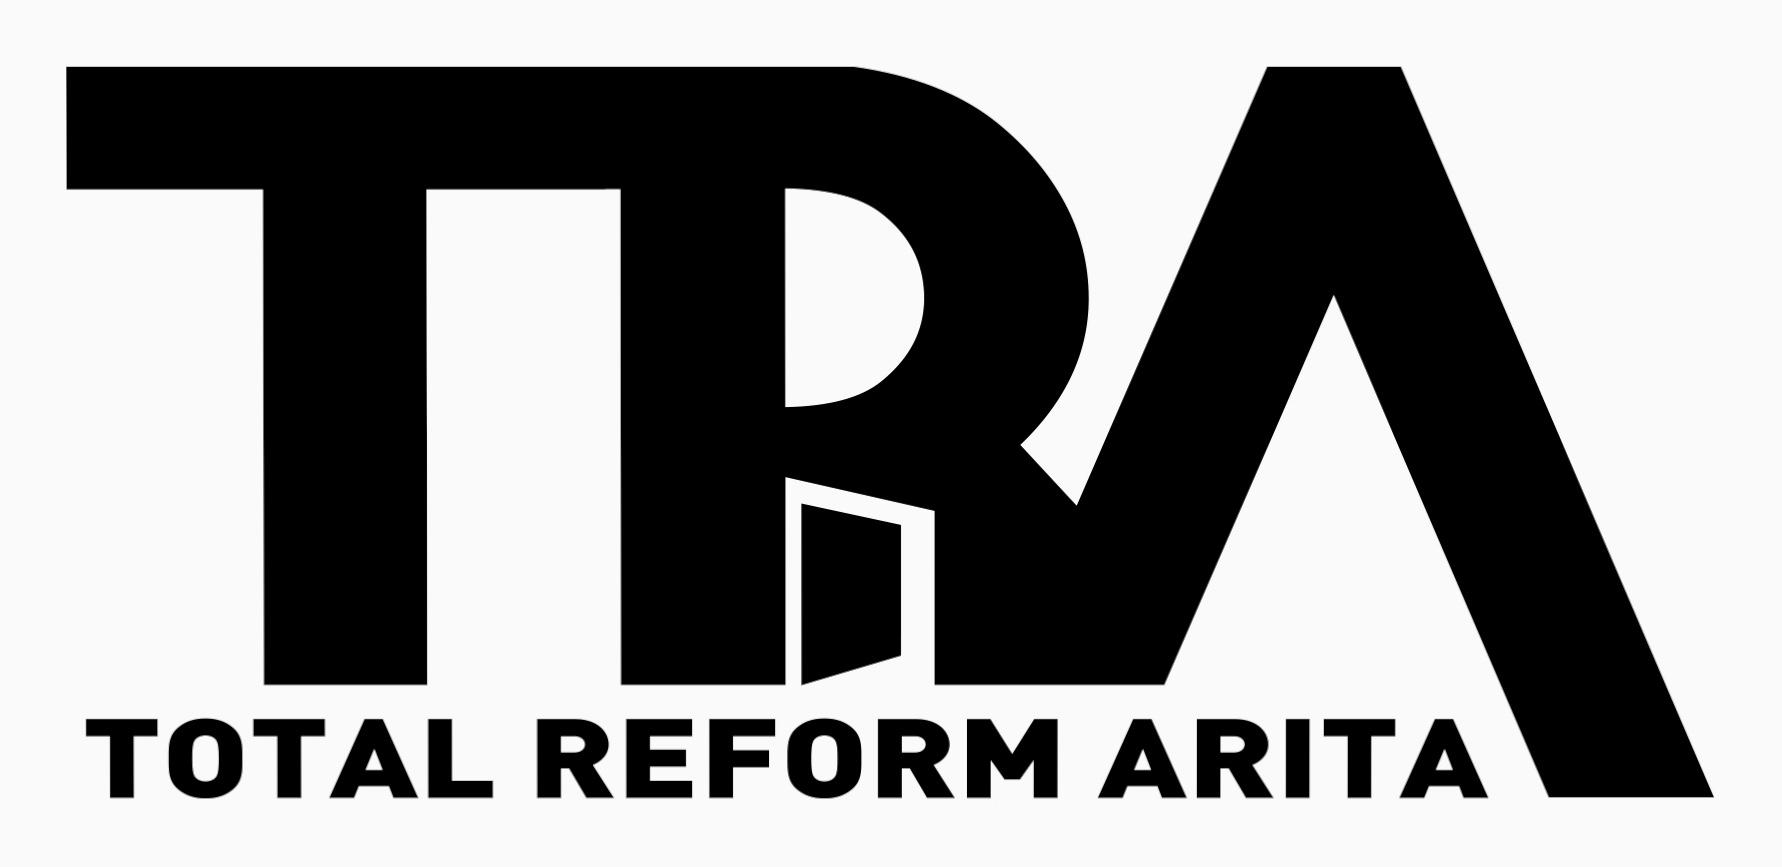 TRA株式会社